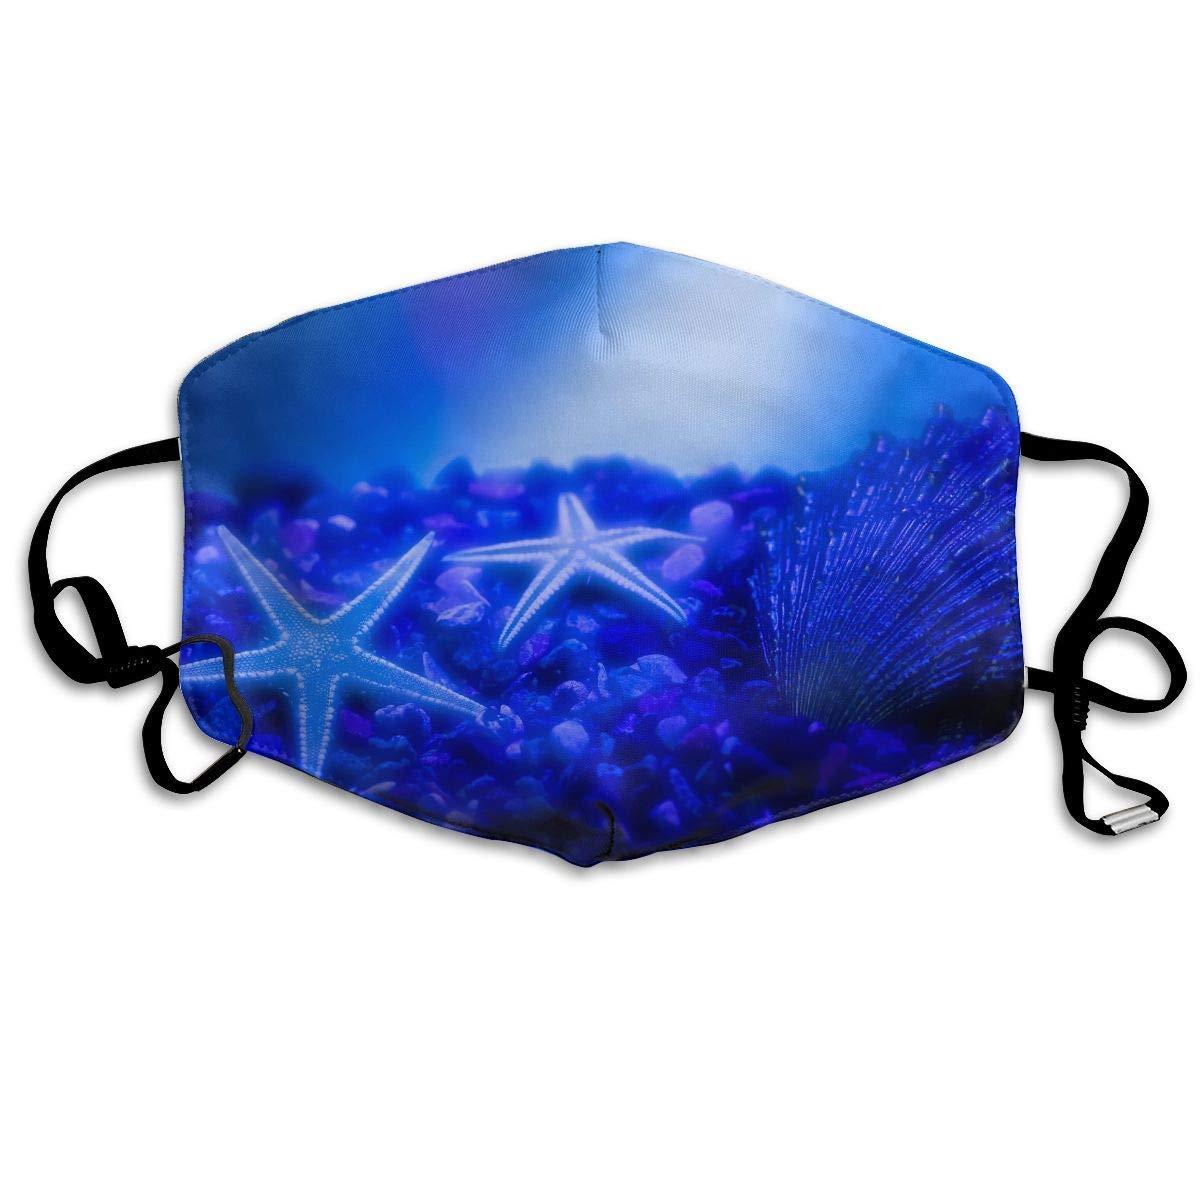 Daawqee Máscara de Boca, Antipolvo Cubierta de Boca Blue Starfish Print Reusable Washable Earloop Máscara de Boca for Men Women